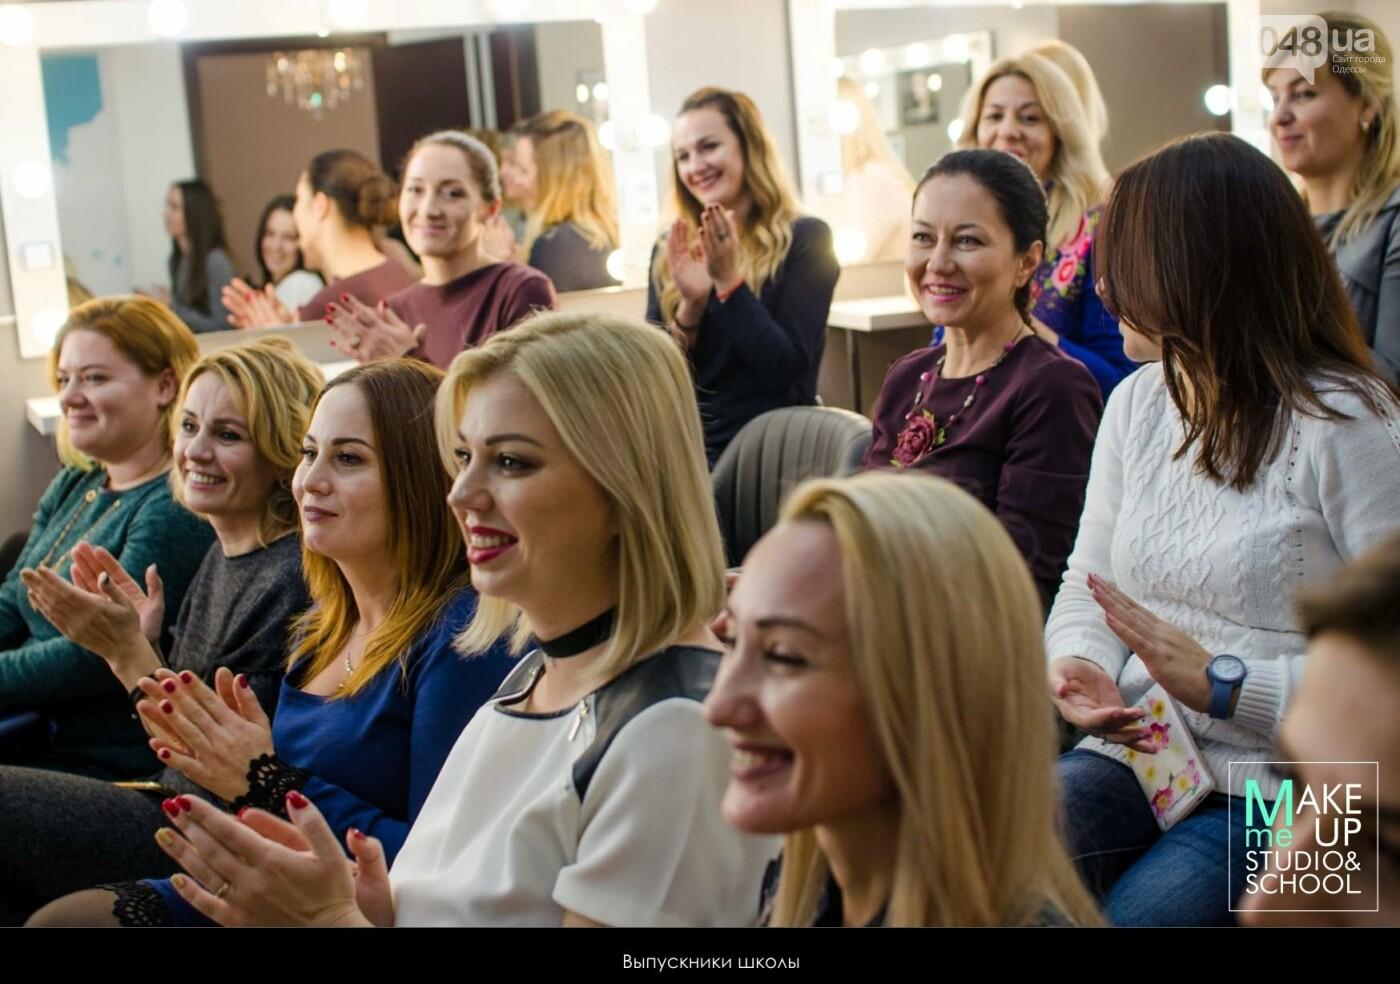 Курсы красоты в Одессе: визаж, макияж, маникюр и педикюр, фото-24